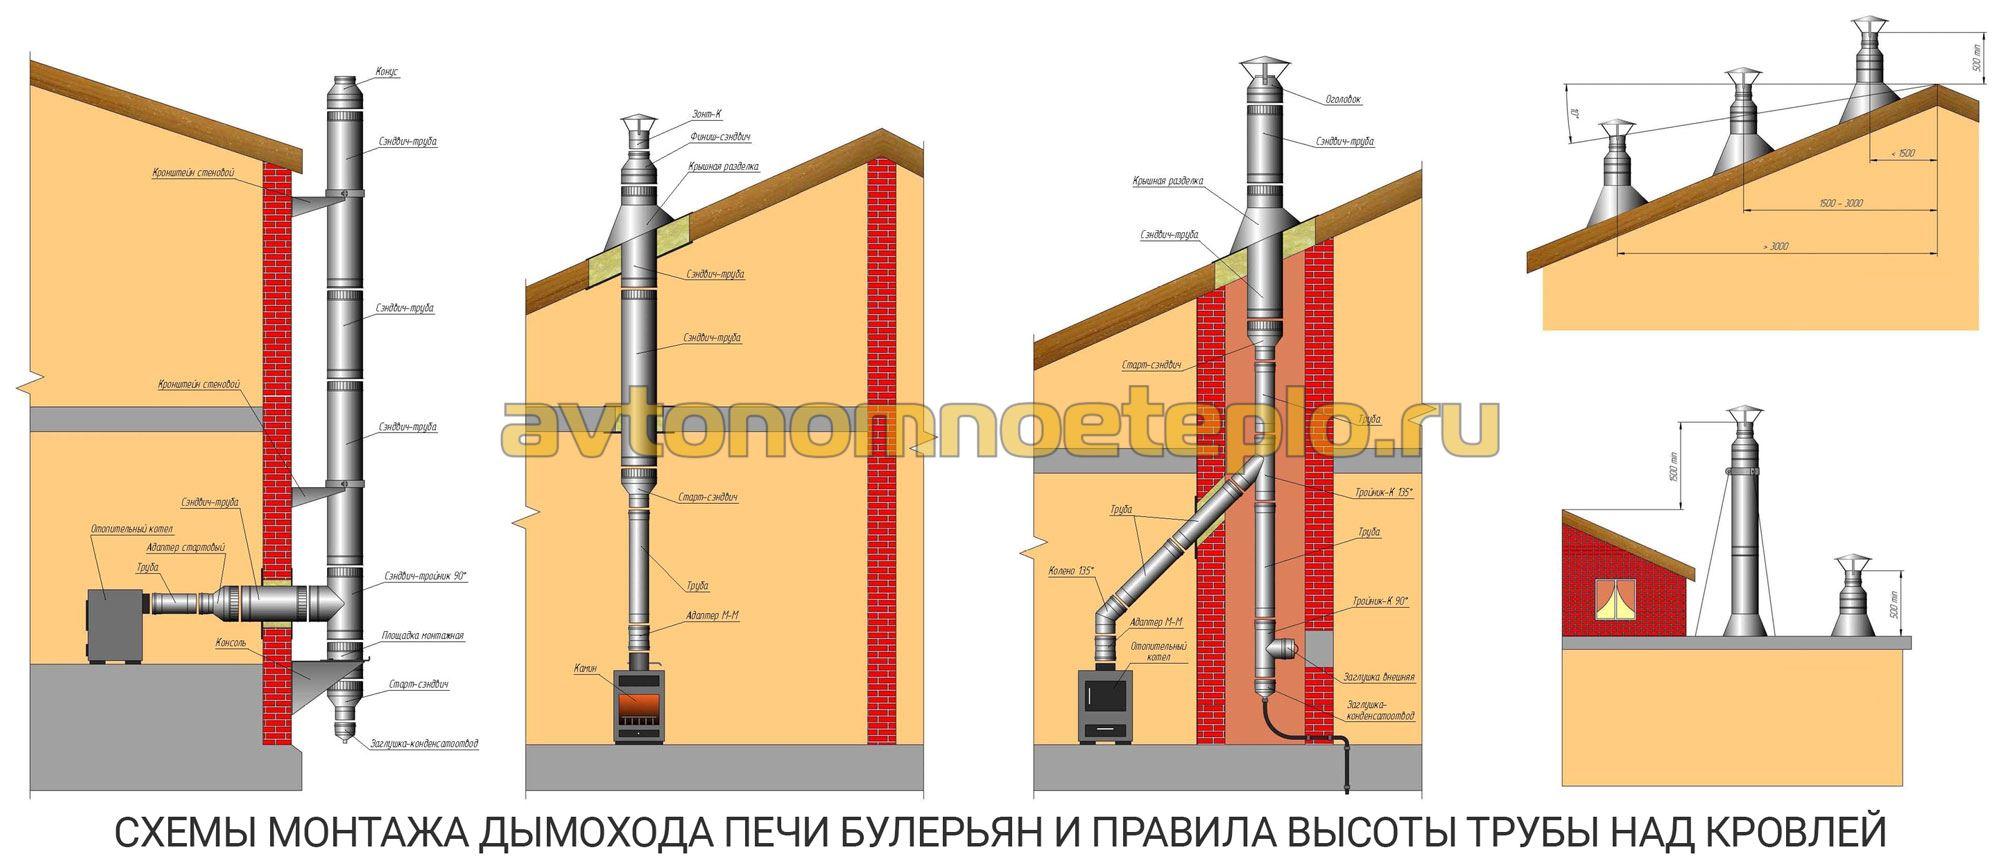 печь огонь-батарея подключение к кирпичной трубе схема